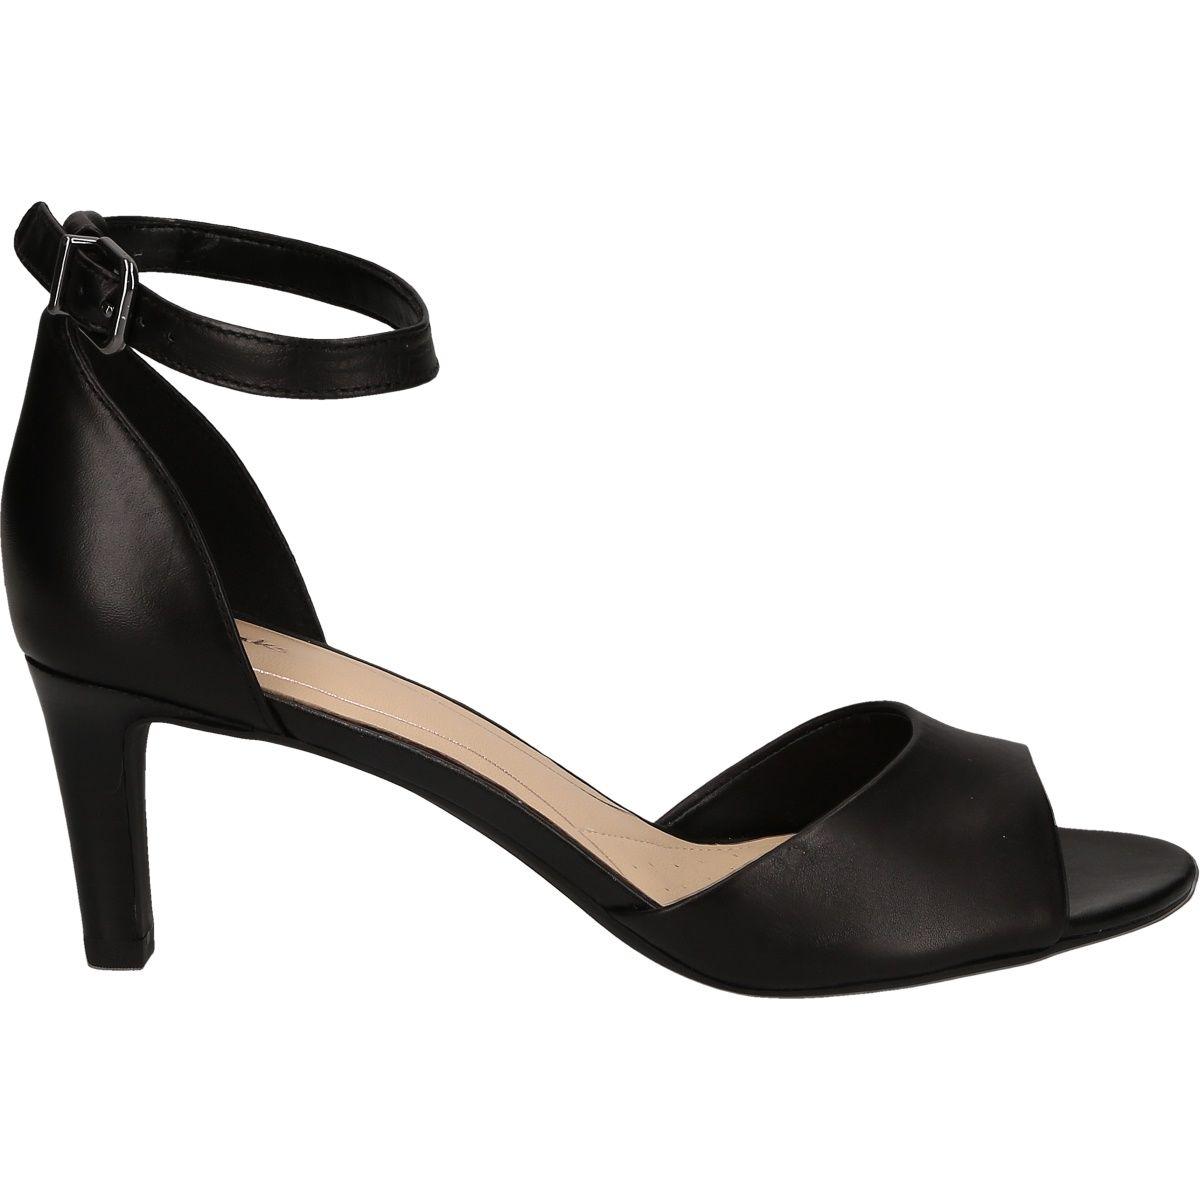 c83ac5a8e51e Clarks Laureti Grace 26140160 4 Women s shoes Sandals buy shoes at ...